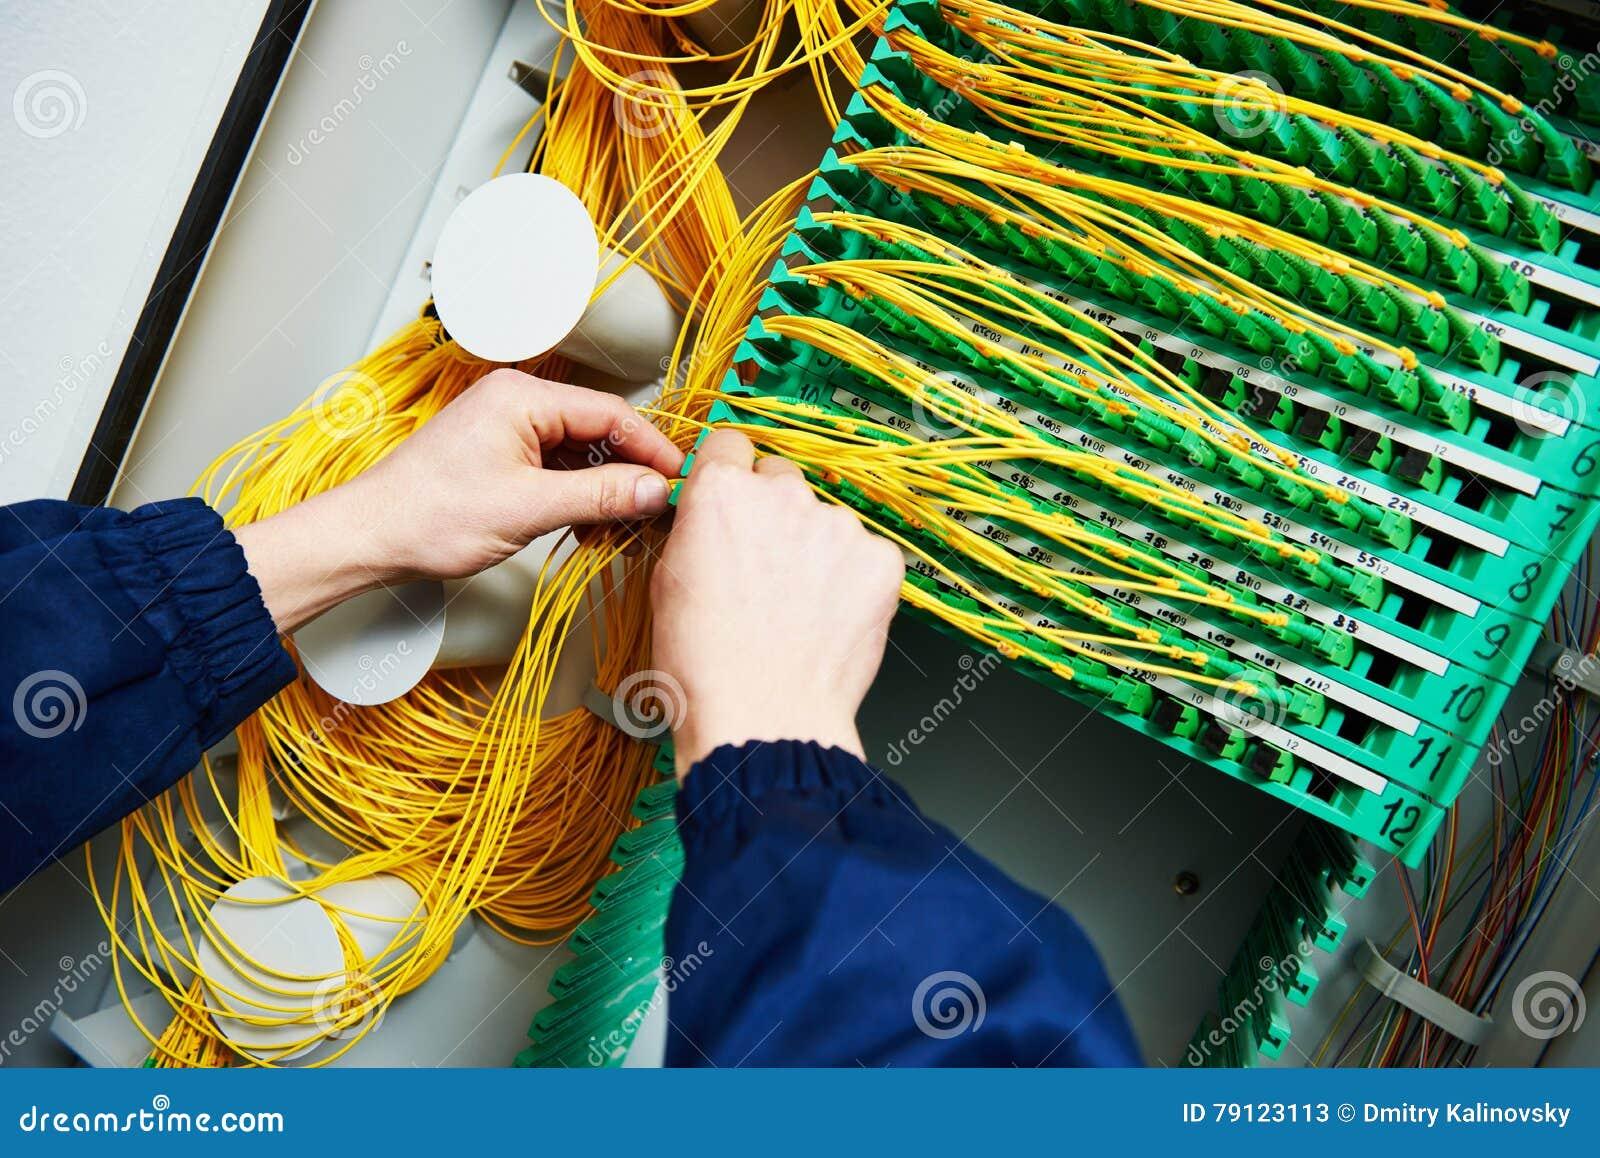 ανασκόπησης μπλε καλωδίων βύσμα Διαδικτύου σύνδεσης βαθύ συνδέοντας καλώδια οπτικών ινών μηχανικών